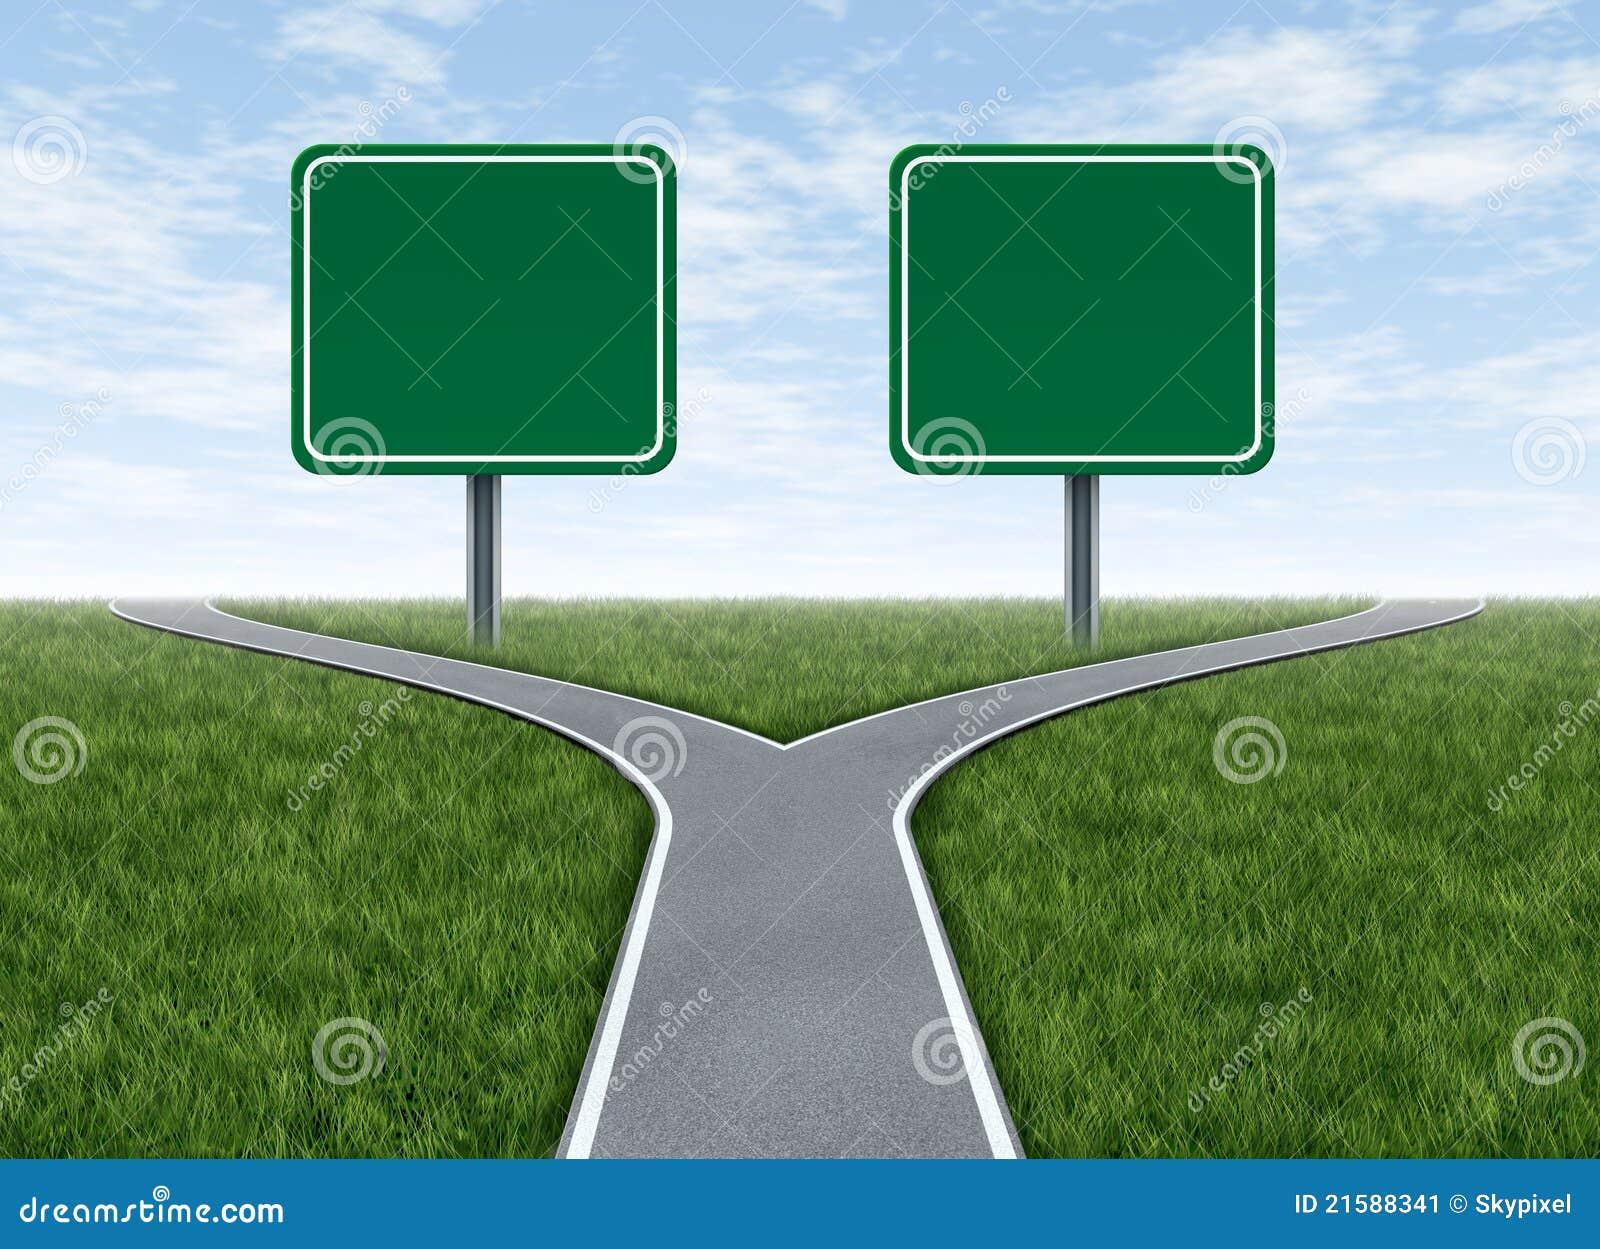 Twee opties met lege verkeersteken